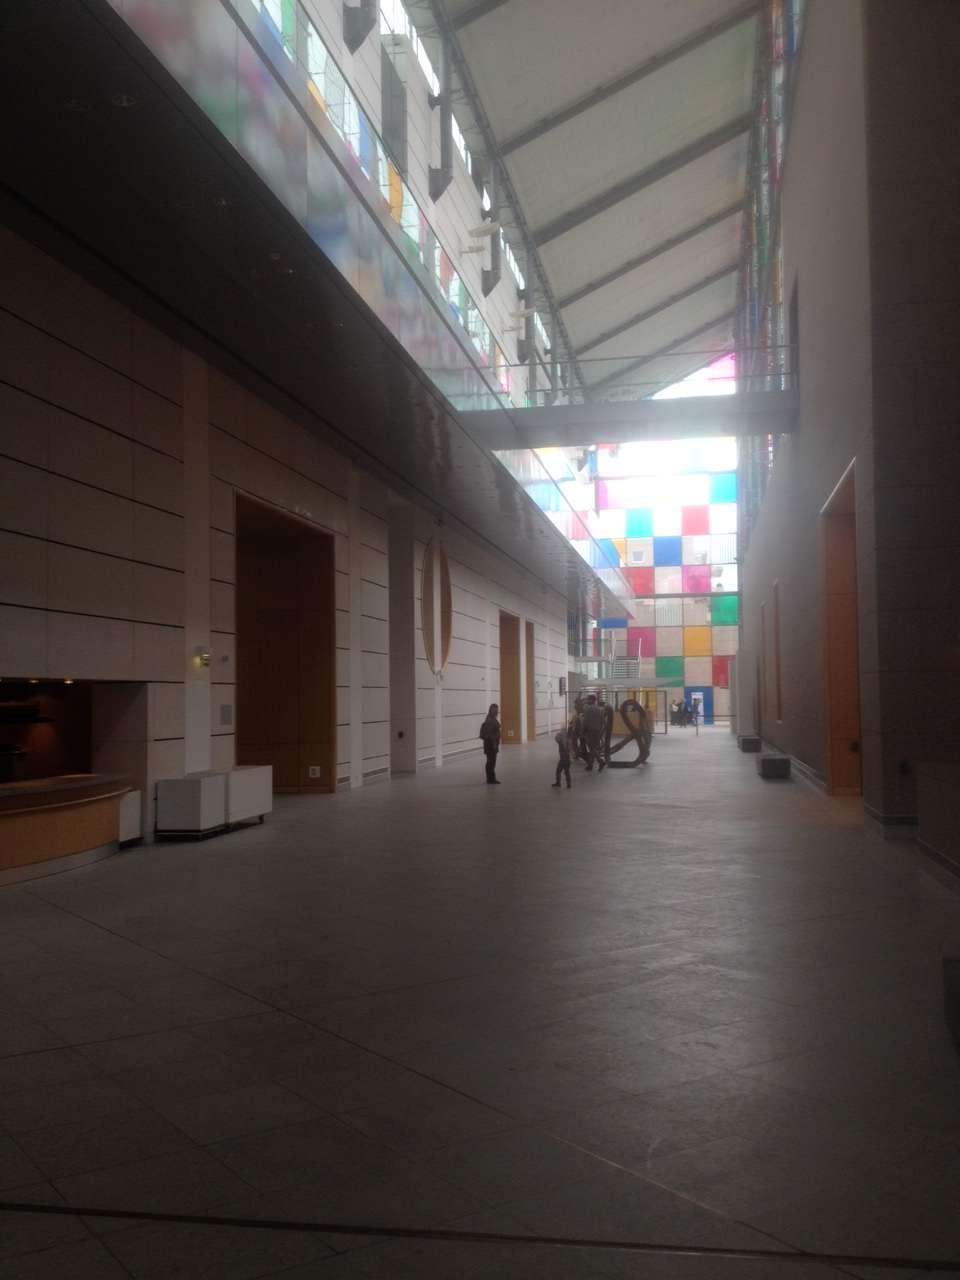 Parterul MAMCS unde se aflà intrarea si sàlile dedicatei artei moderne si expozitiilor temporare